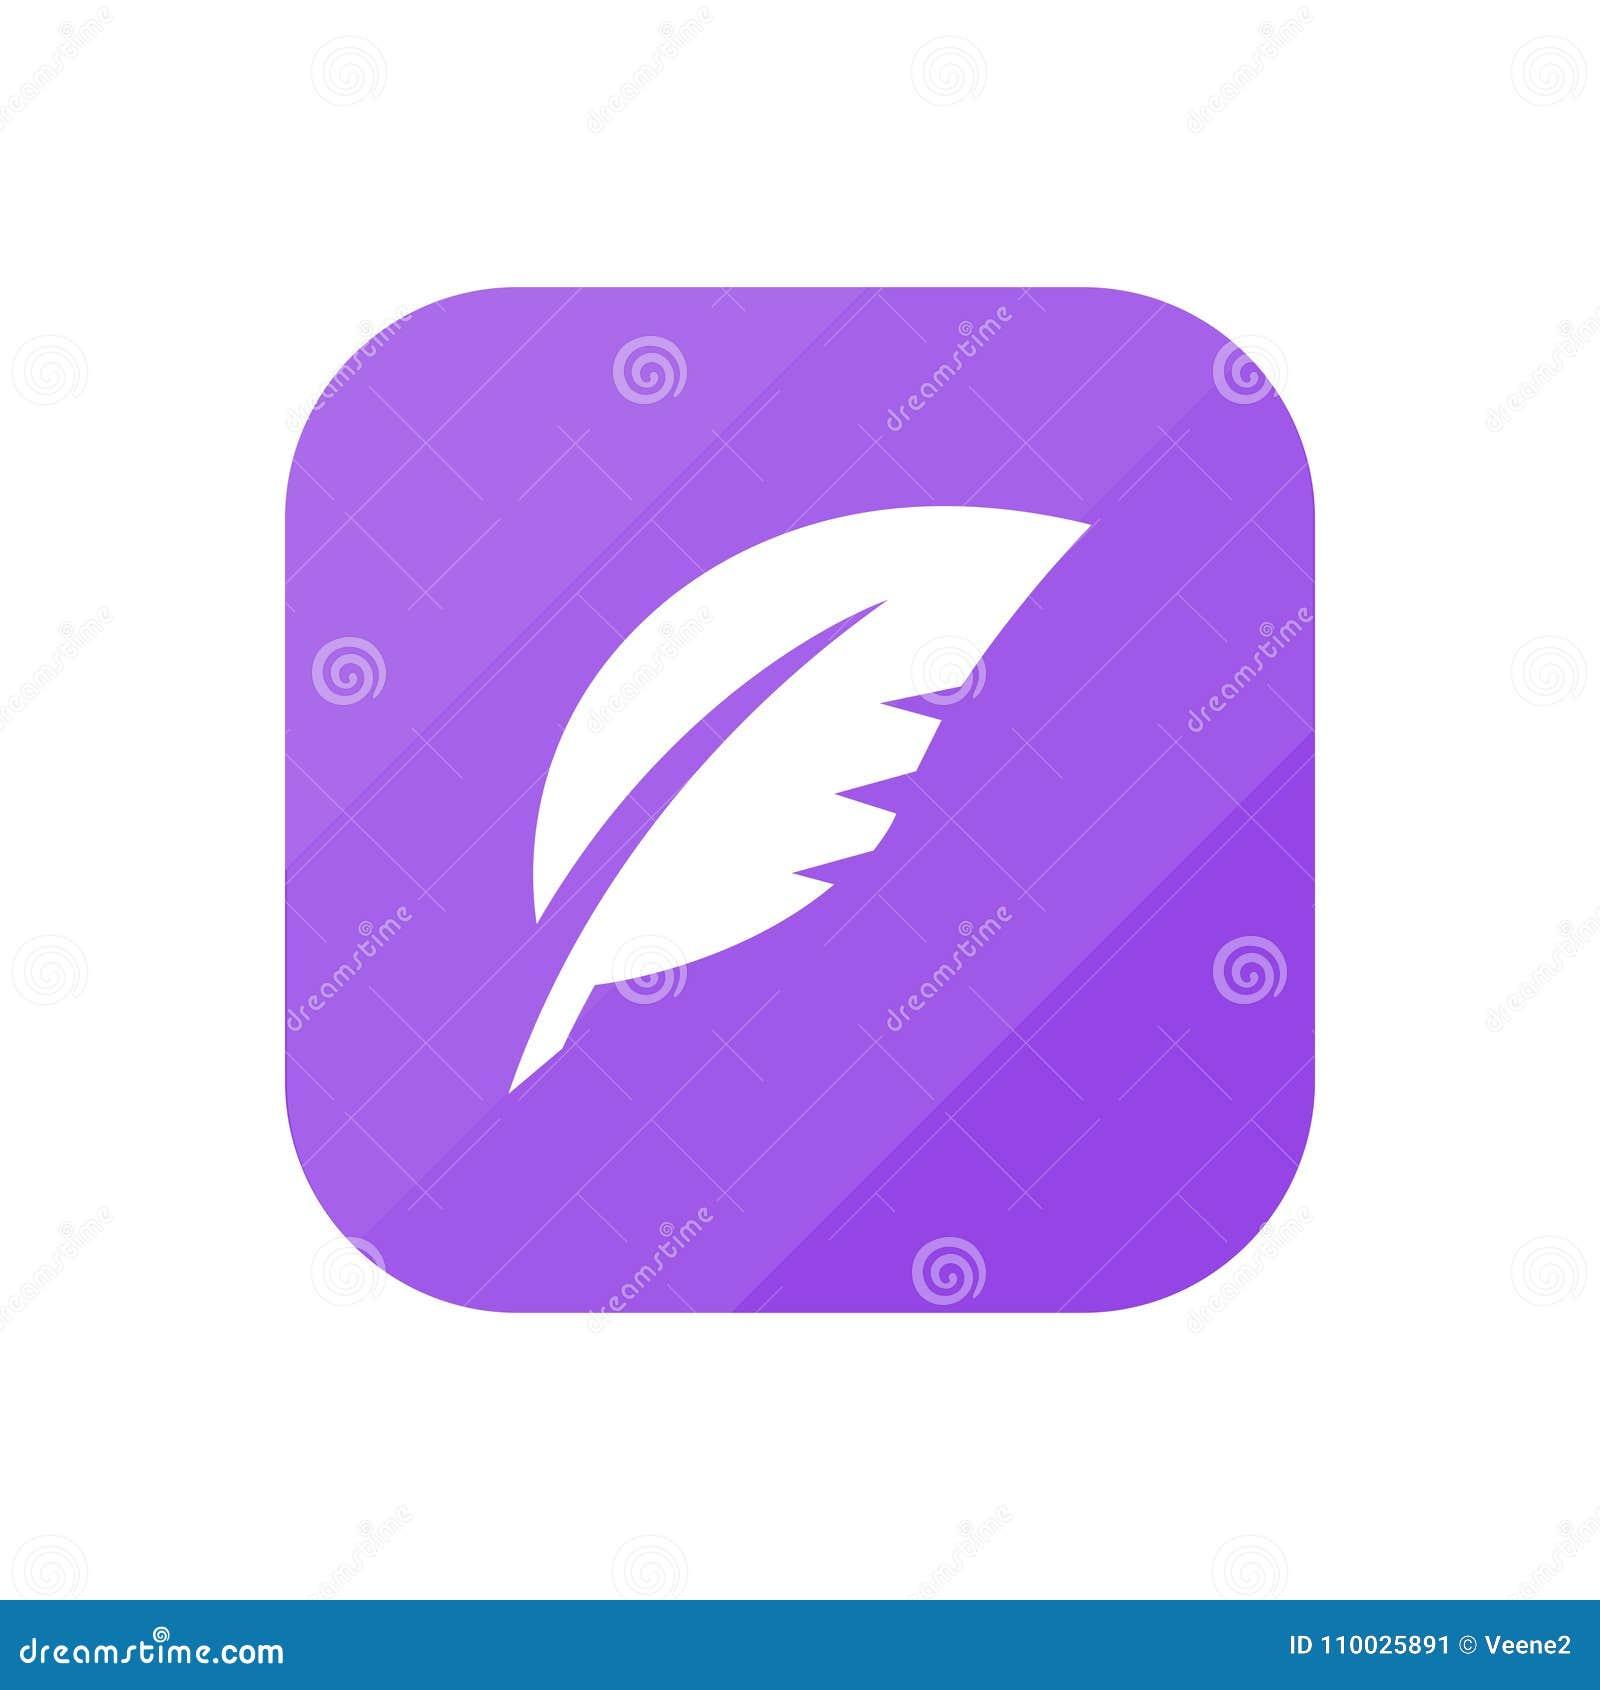 Schacht - App Pictogram